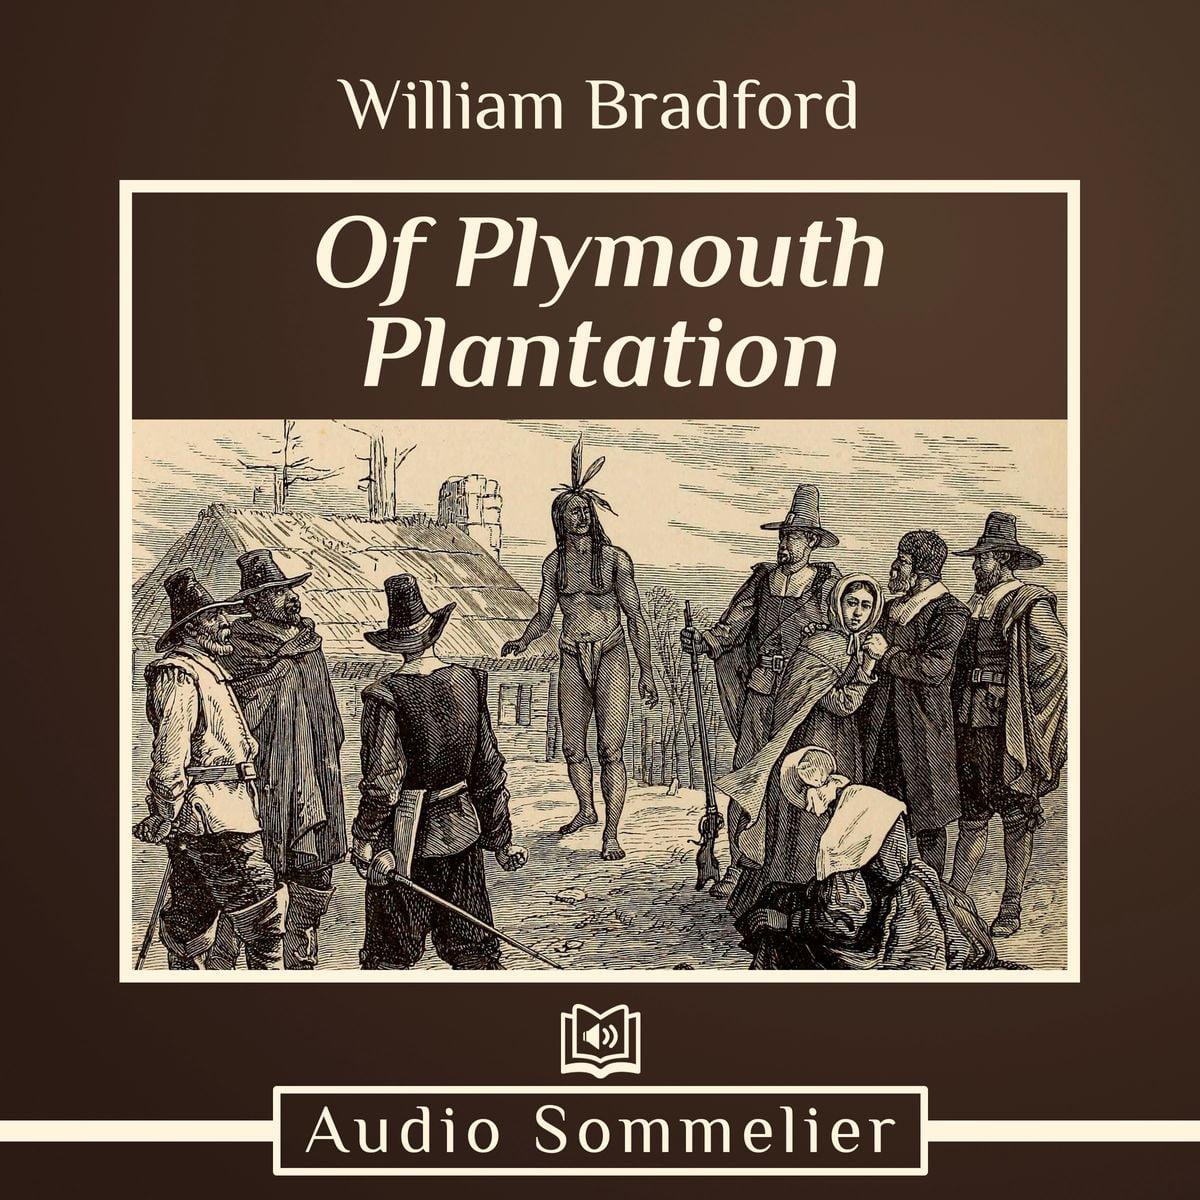 Of Plymouth Plantation - Audiobook - Walmart.com - Walmart.com